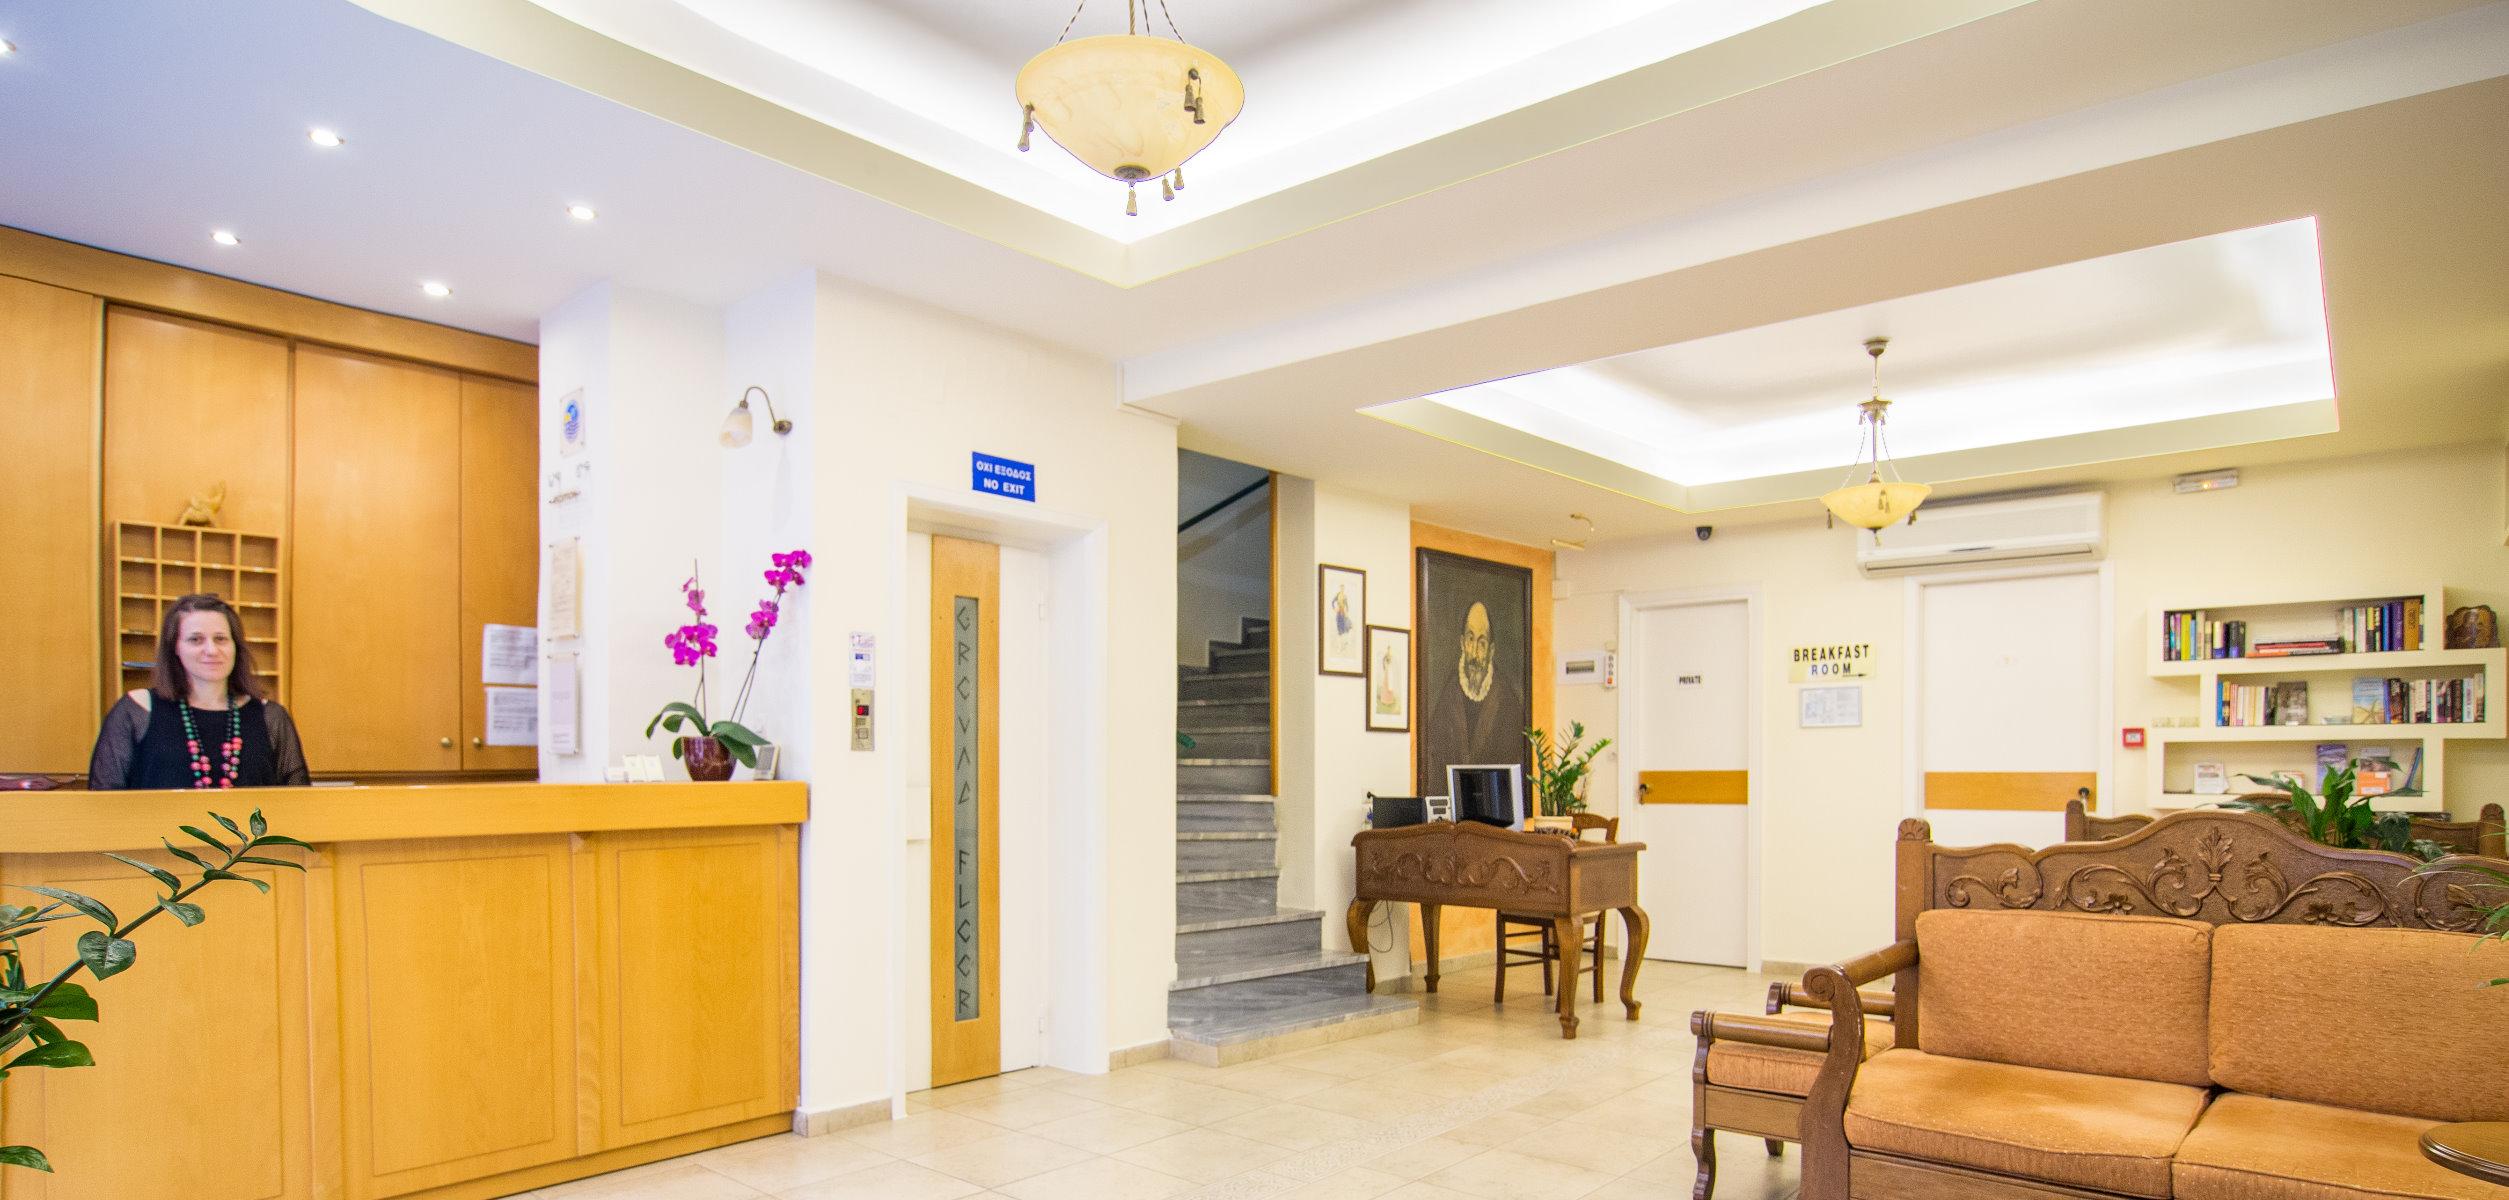 El Greco Hotel - Contact Us